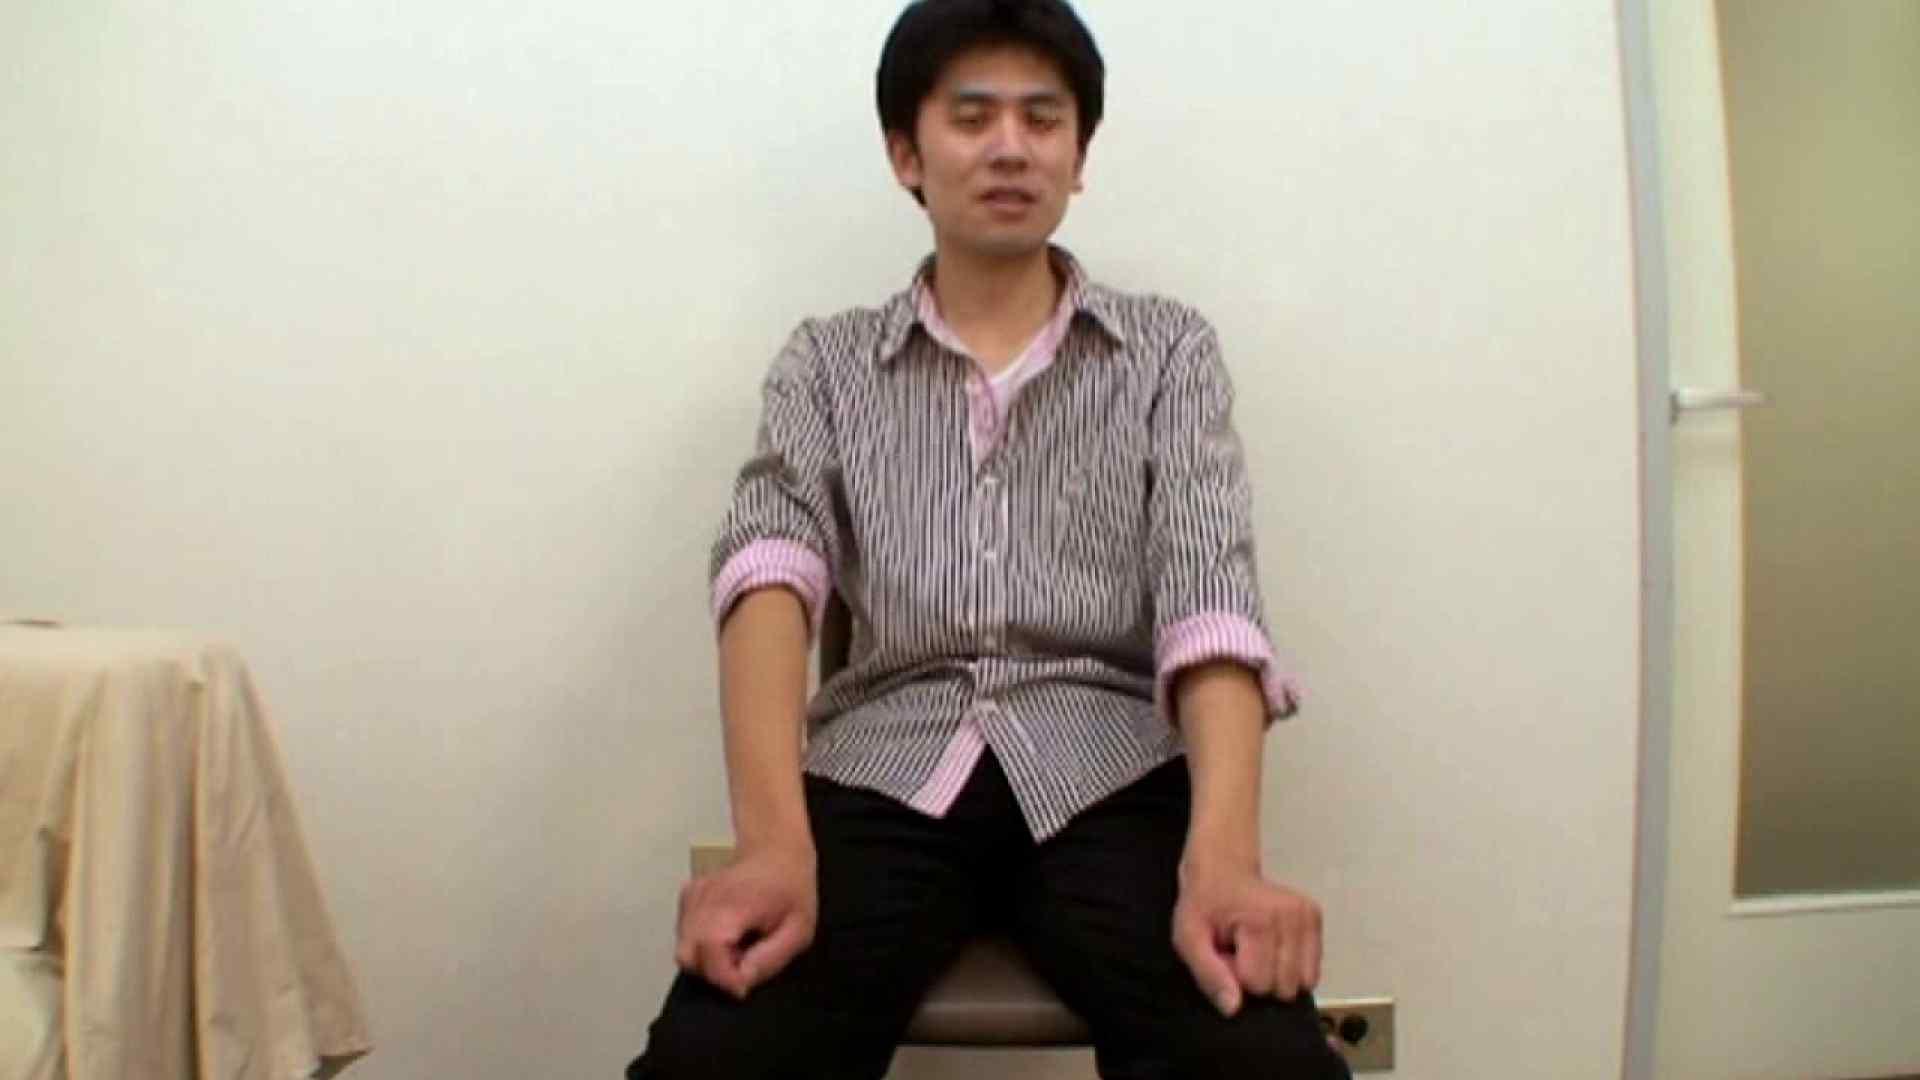 ノンケ!自慰スタジオ No.32 自慰特集 ゲイ無修正ビデオ画像 92pic 27